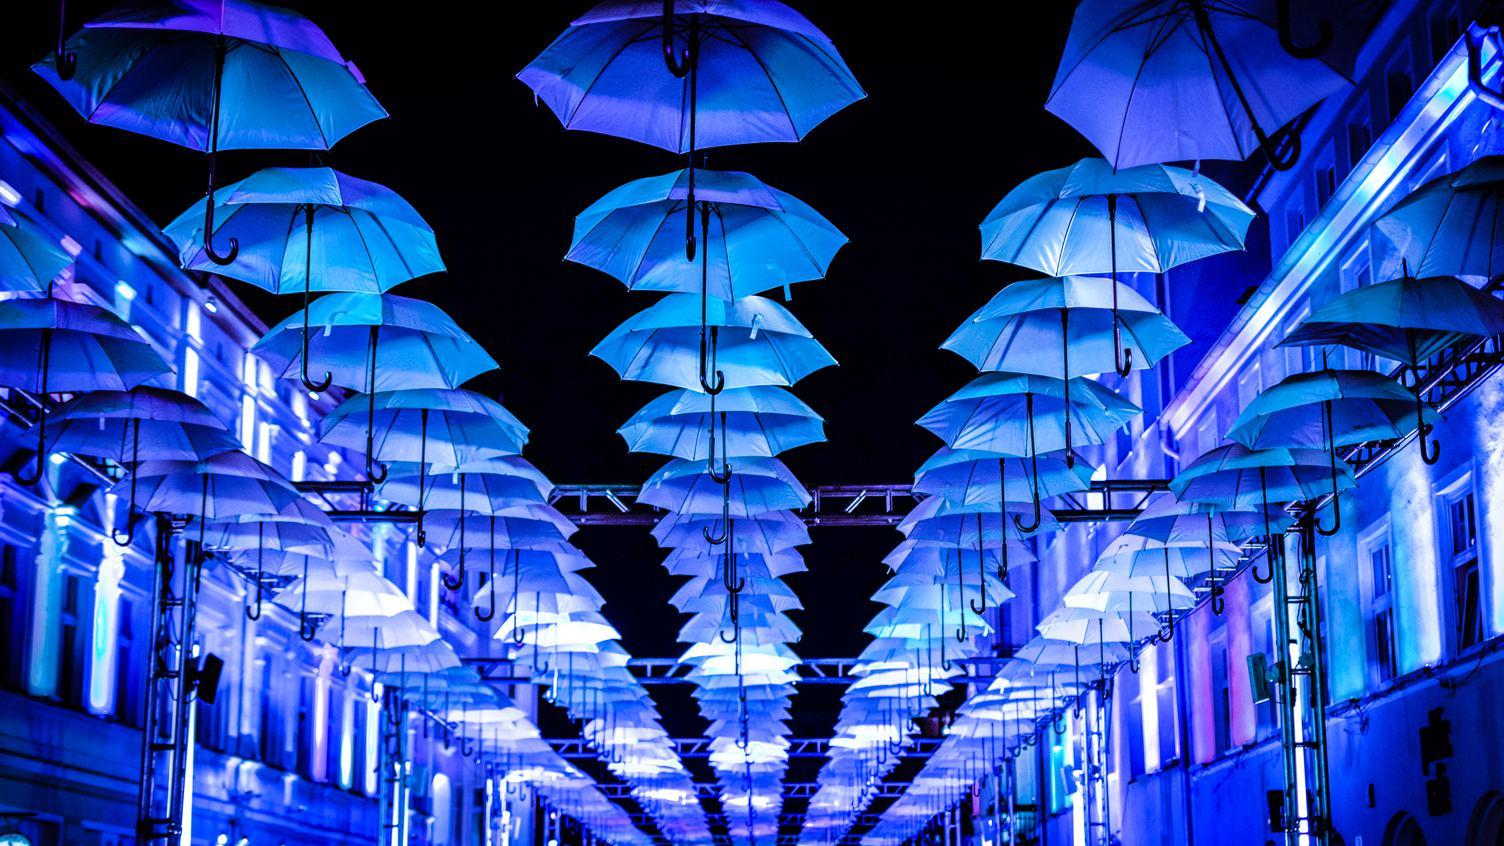 Blue Umbrellas Art Instalation